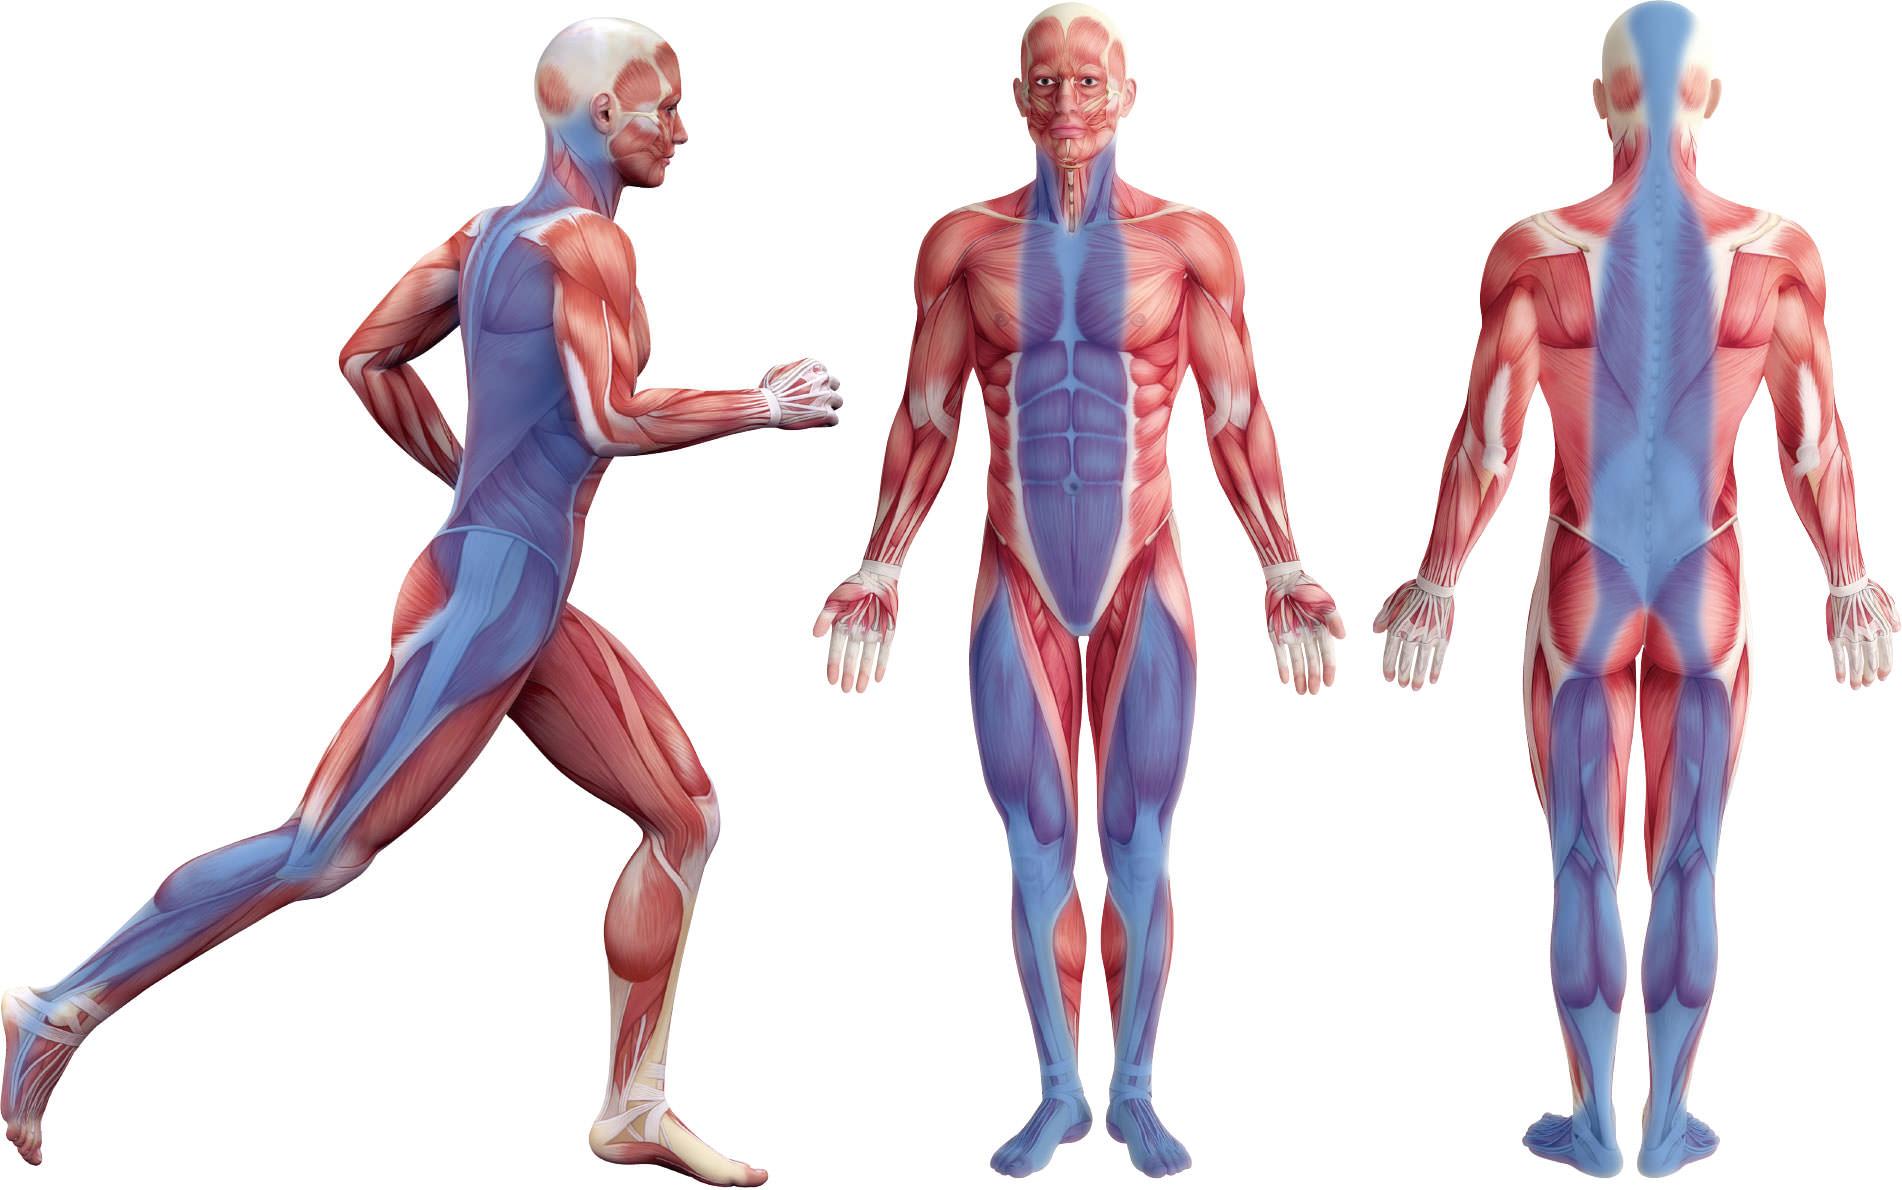 ご存じですか?筋膜リリース | イシケンスポーツnoブログ